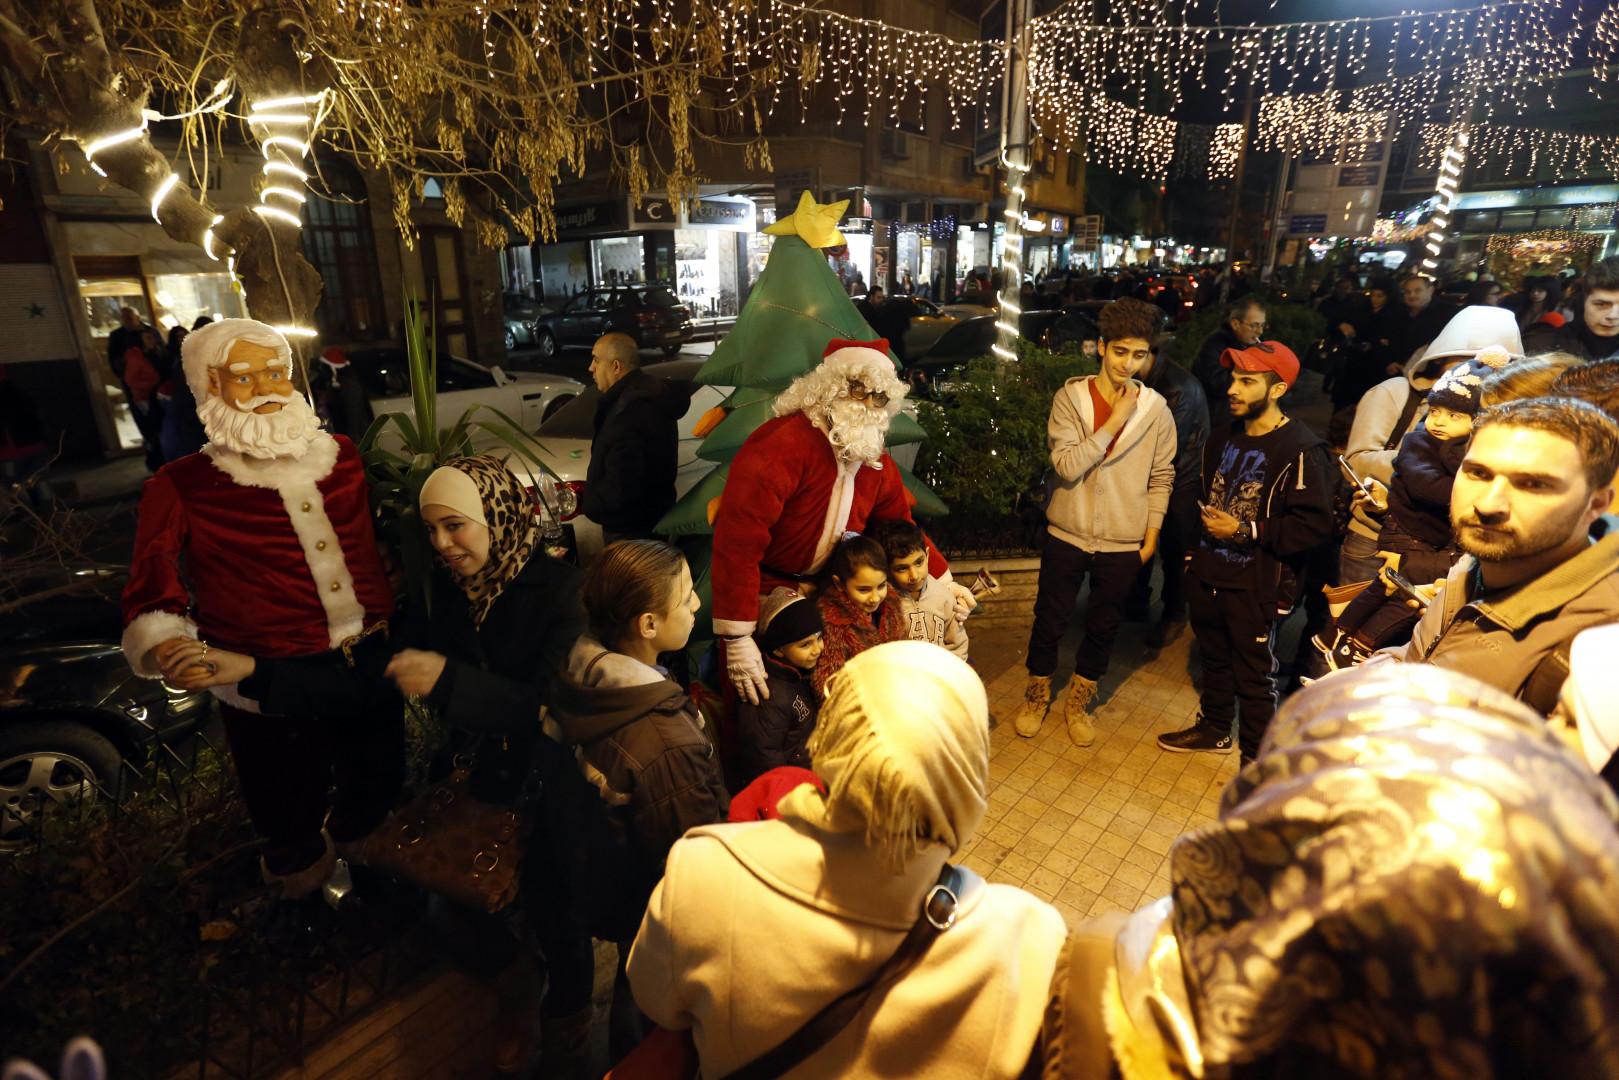 Des enfants posent avec le père Noël en Syrie